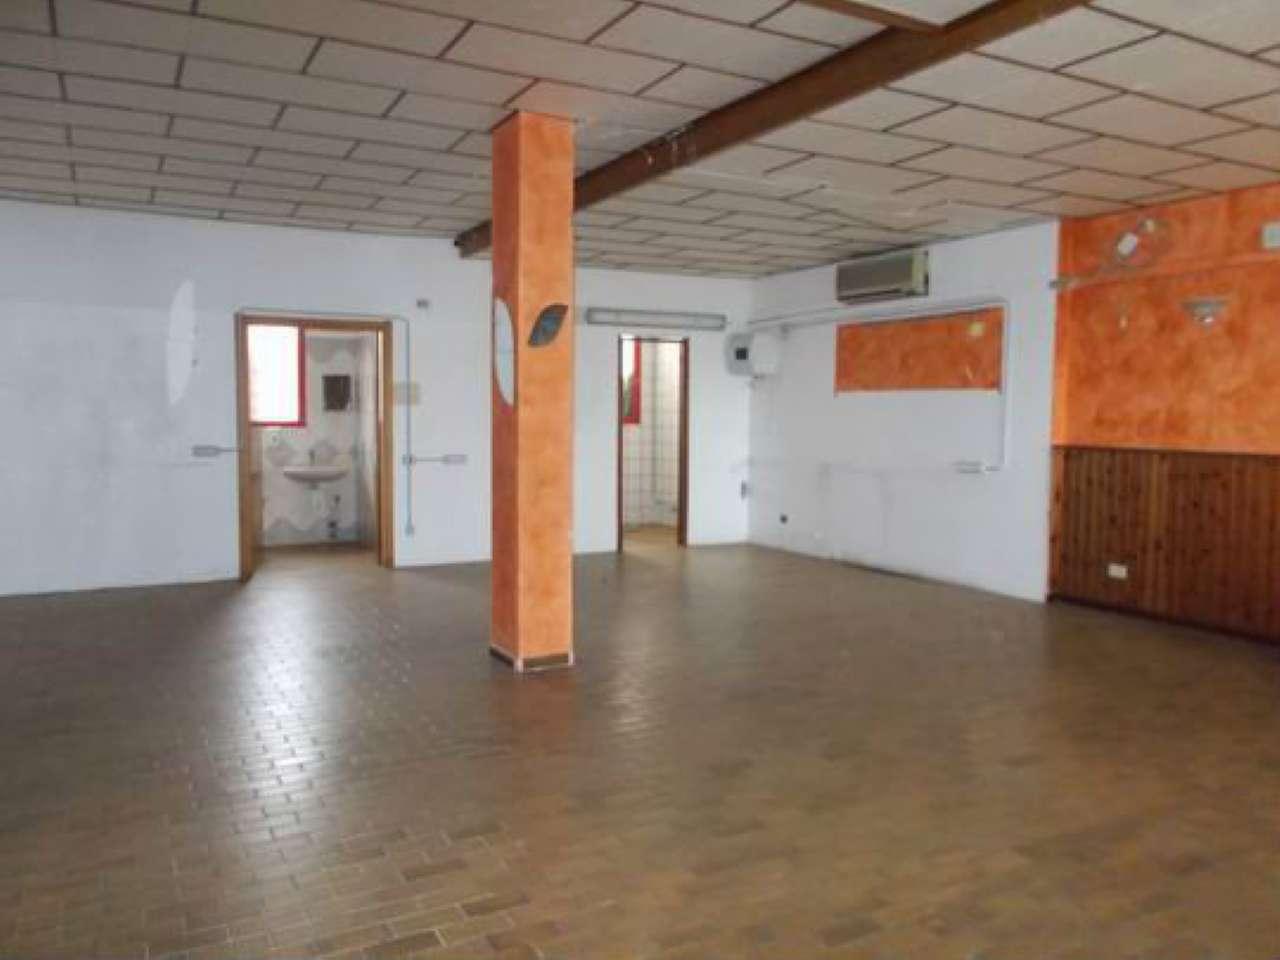 Negozio / Locale in vendita a Cavenago di Brianza, 1 locali, prezzo € 210.000 | Cambio Casa.it